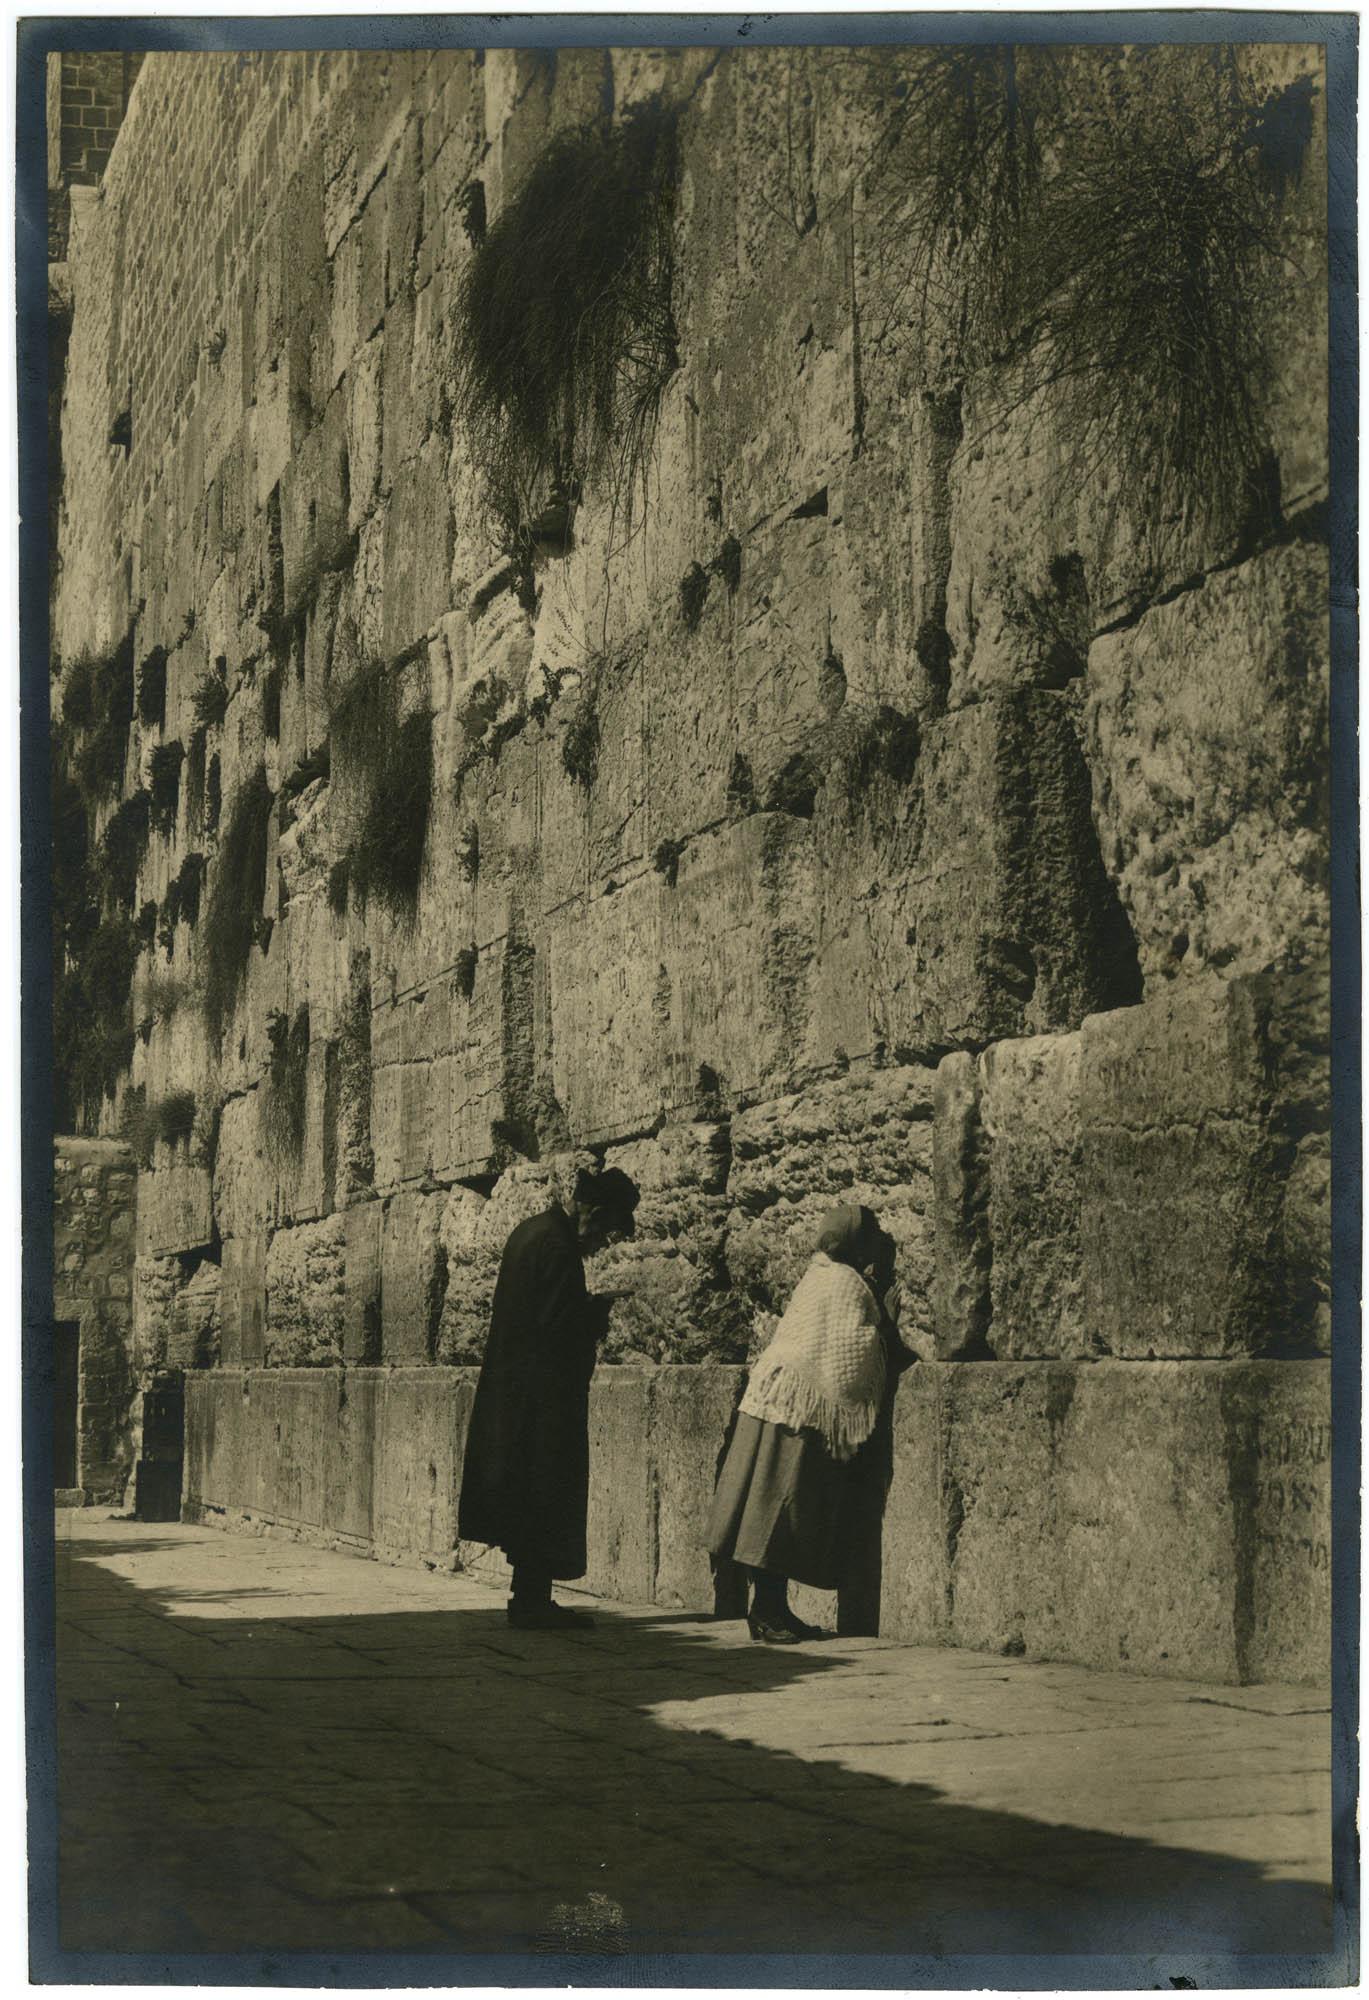 [Western Wall, Jerusalem]